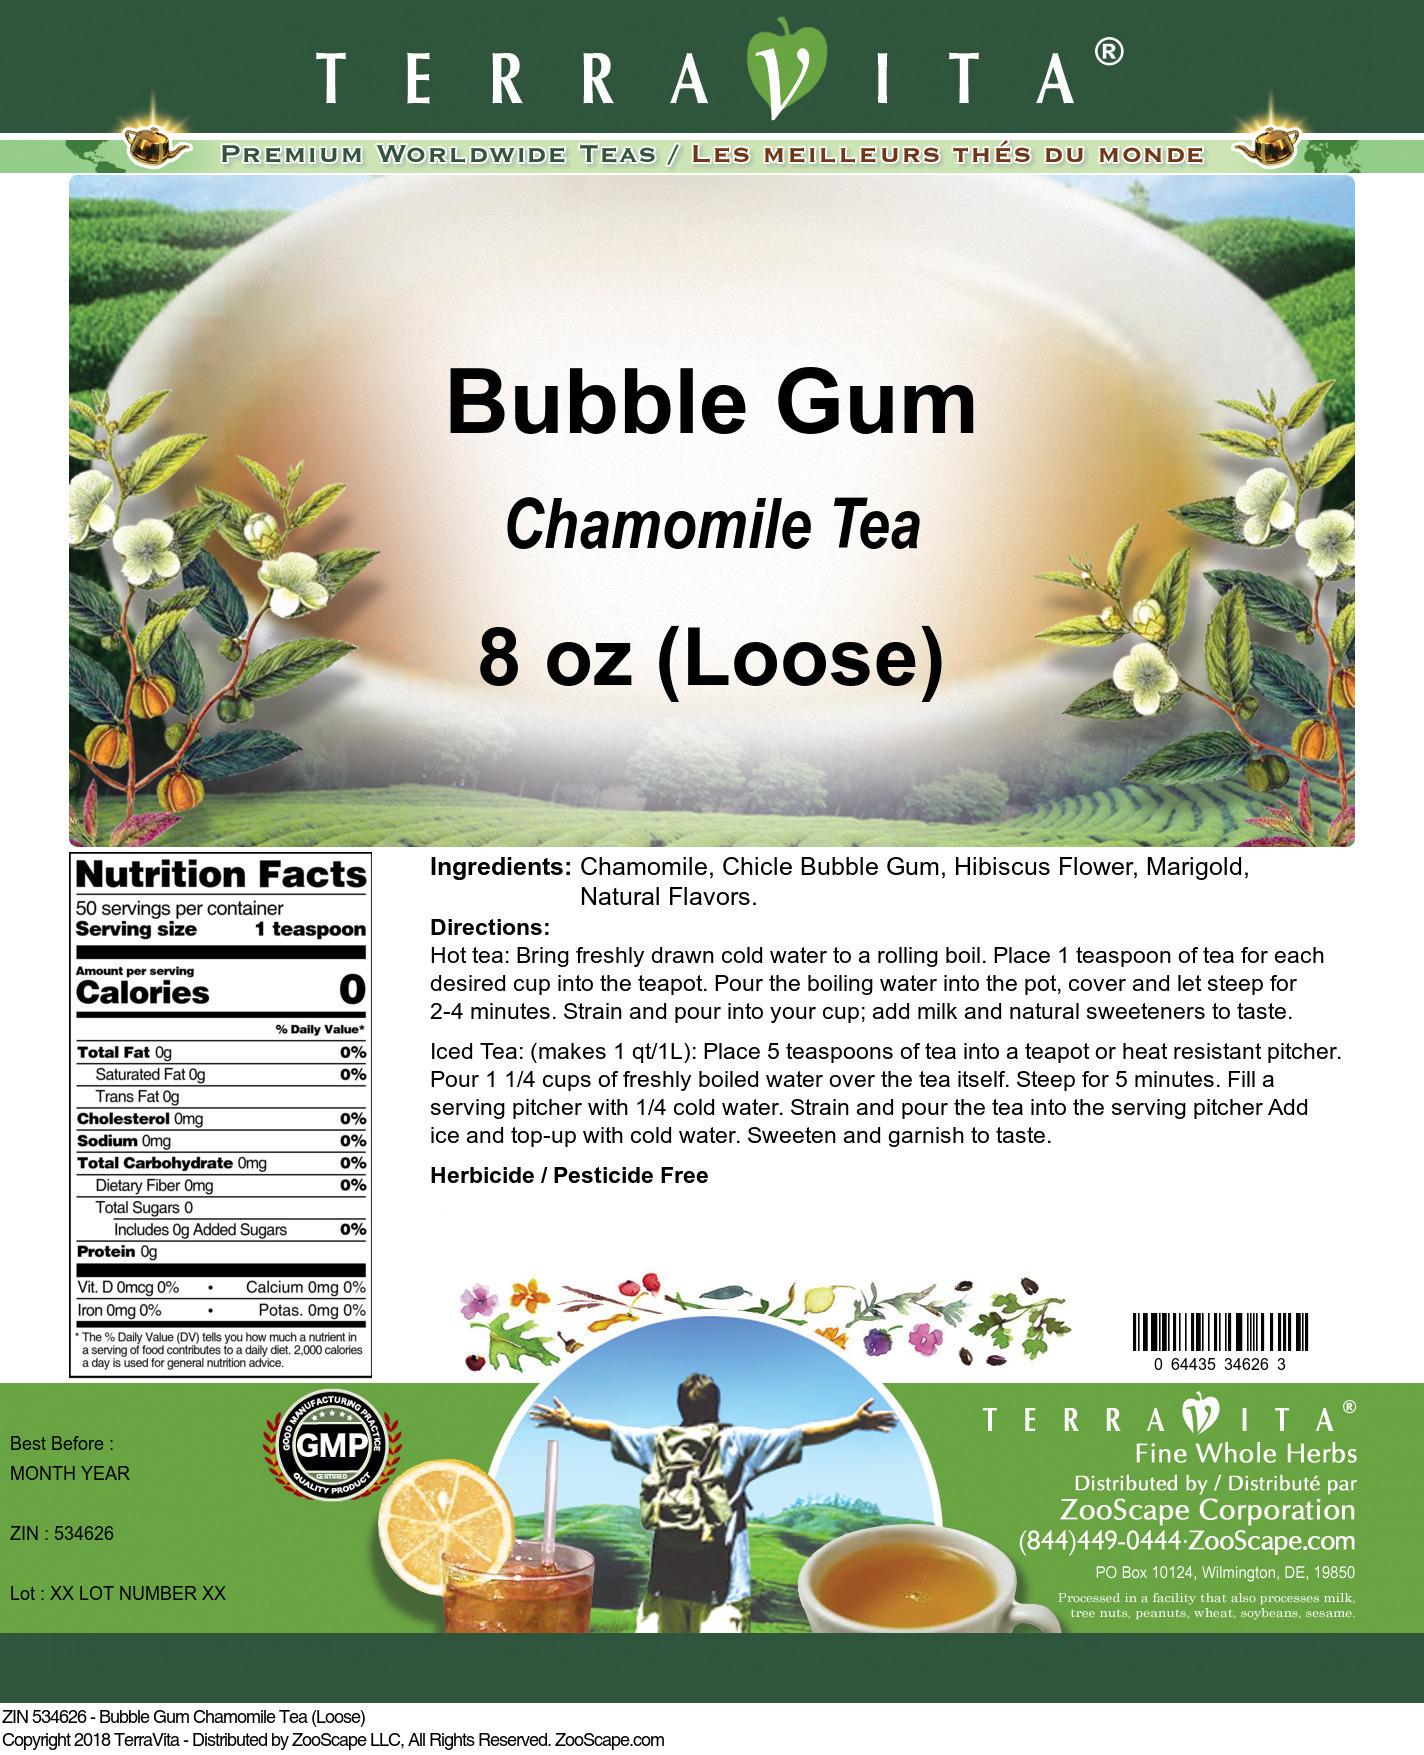 Bubble Gum Chamomile Tea (Loose)